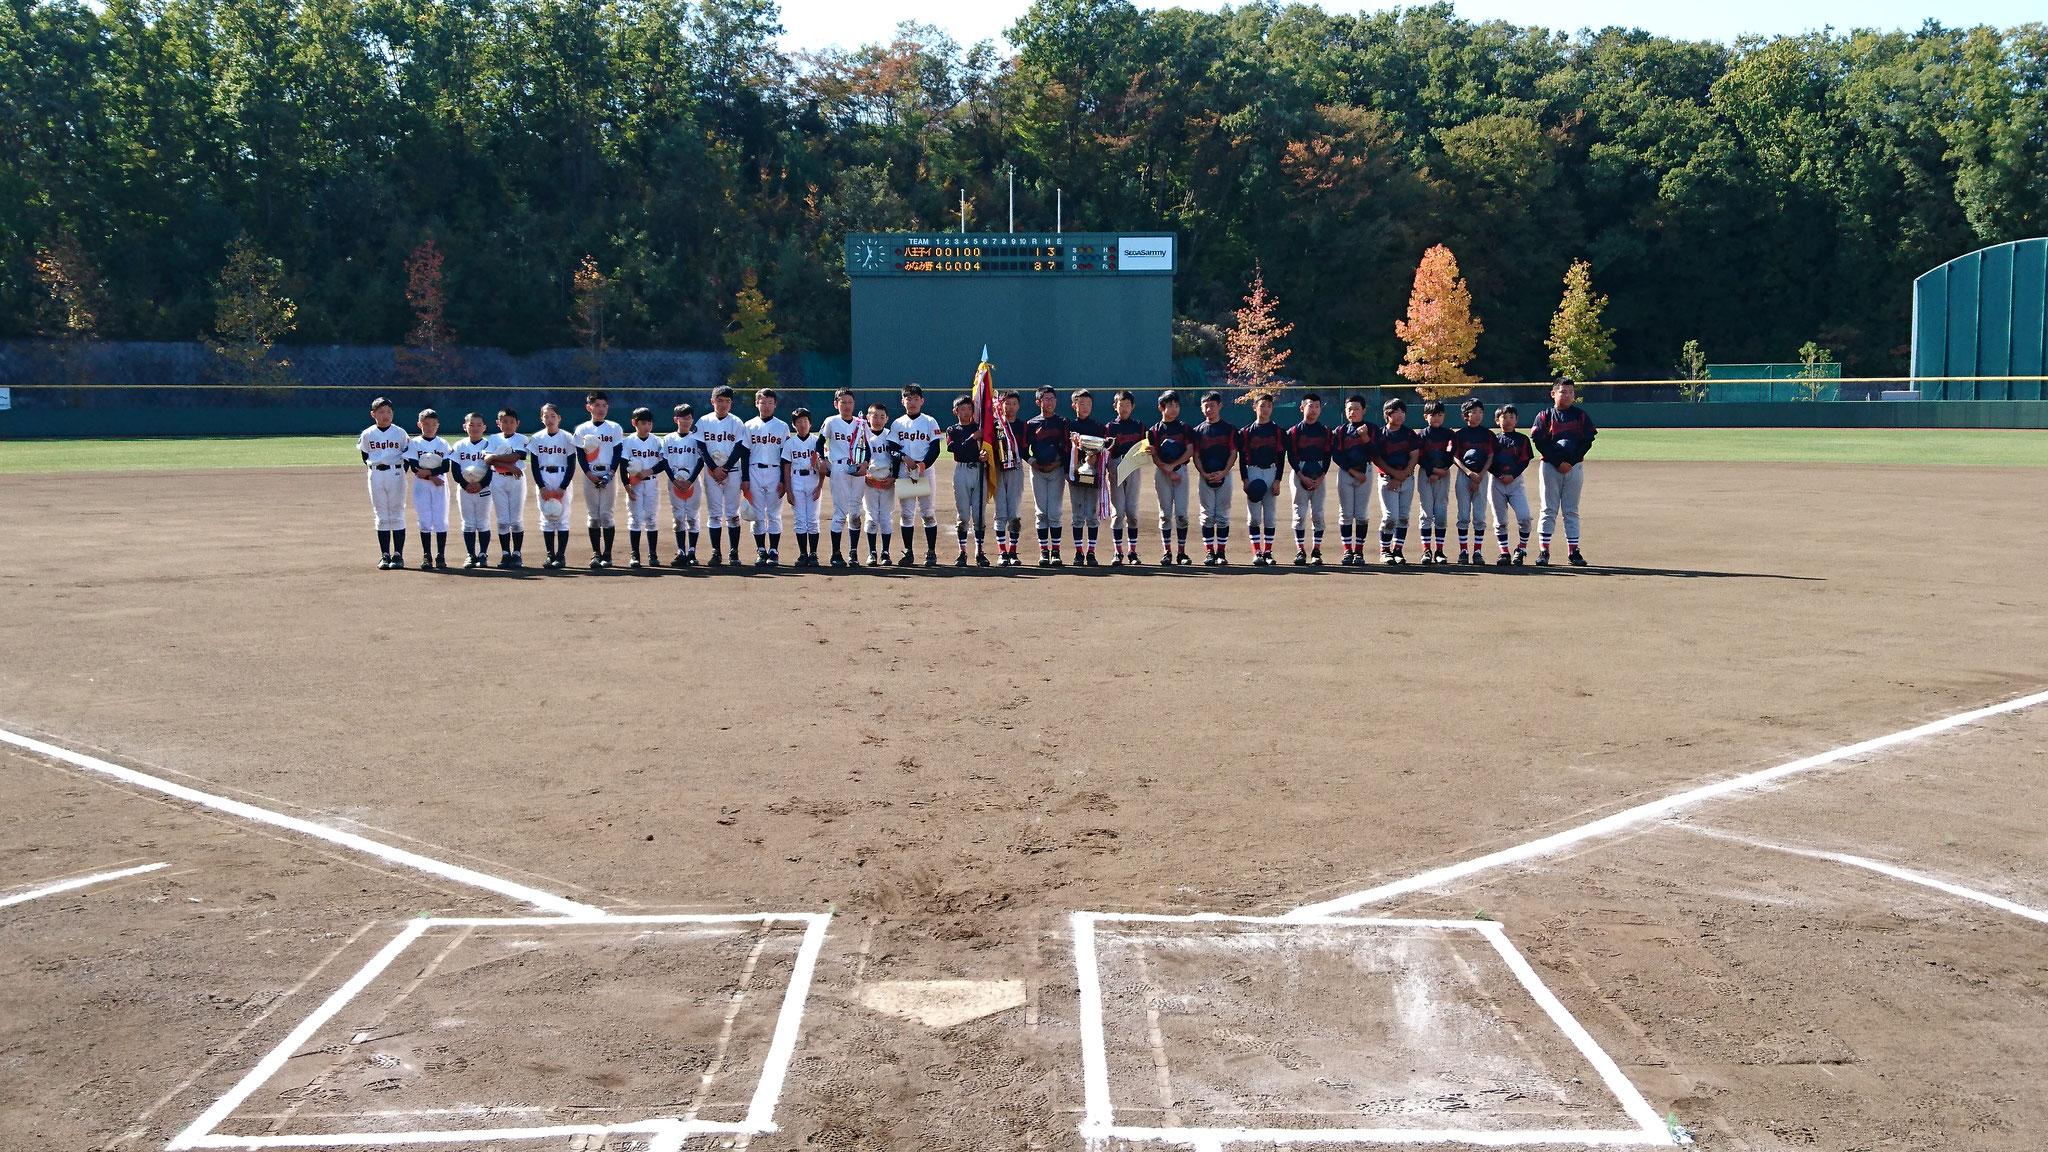 第33回 八王子市少年軟式野球 選手権大会 表彰式 令和元年11月10日